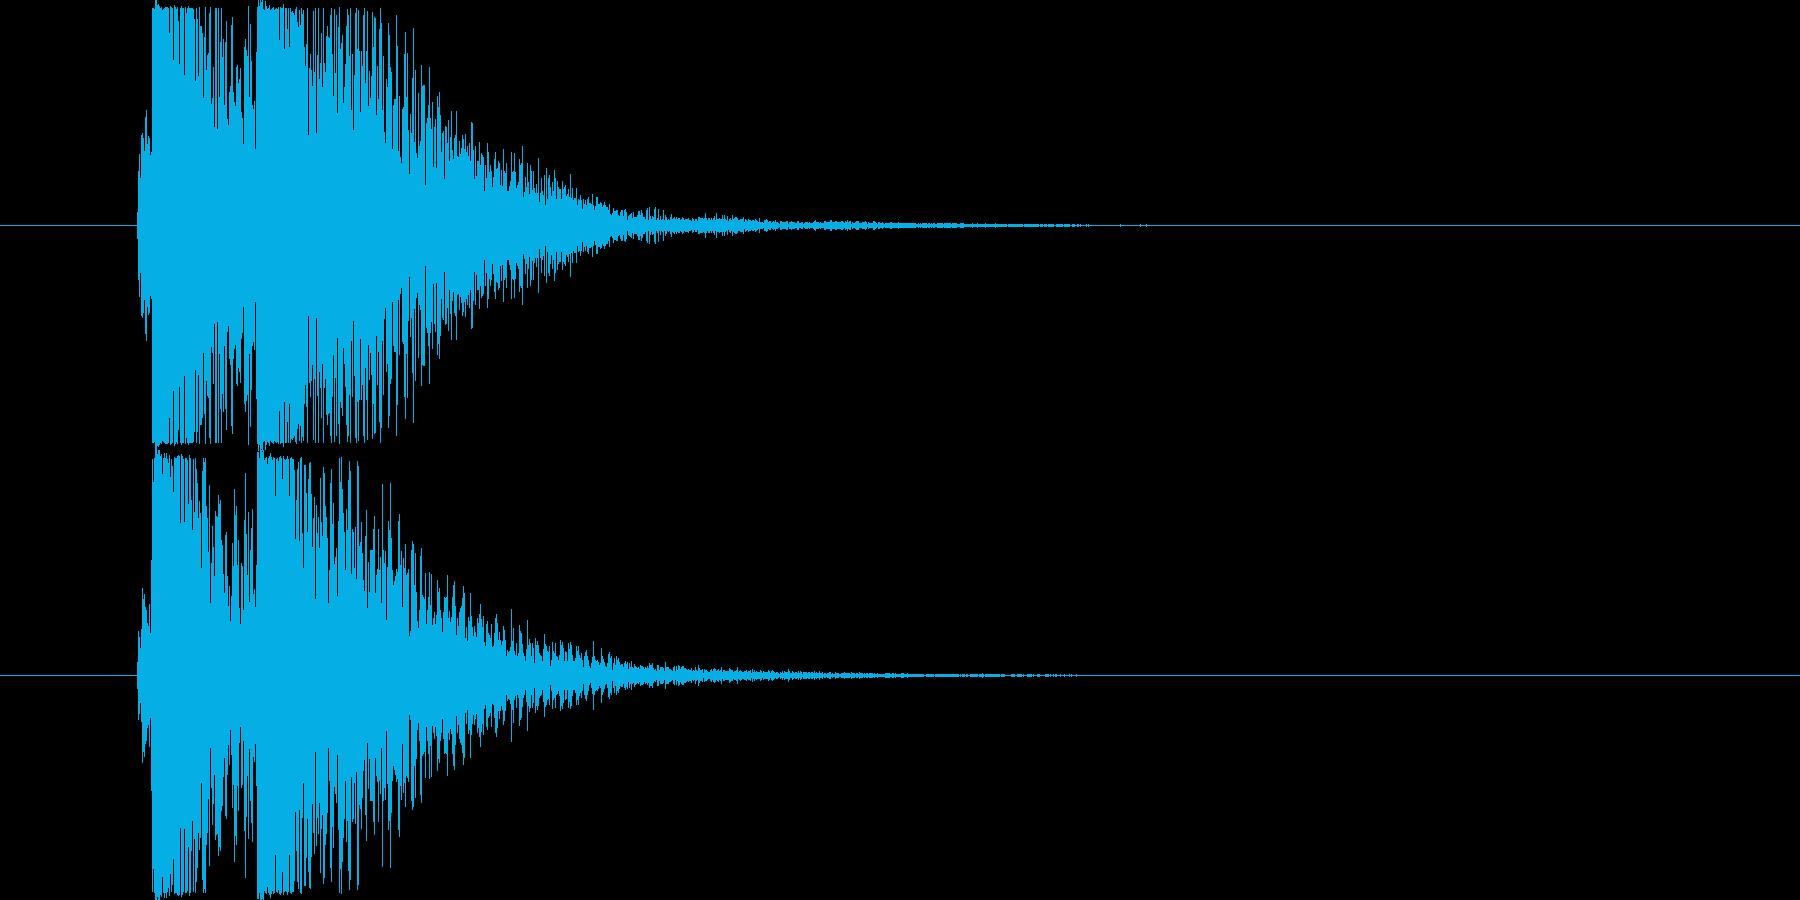 べベン/三味線/和風の再生済みの波形